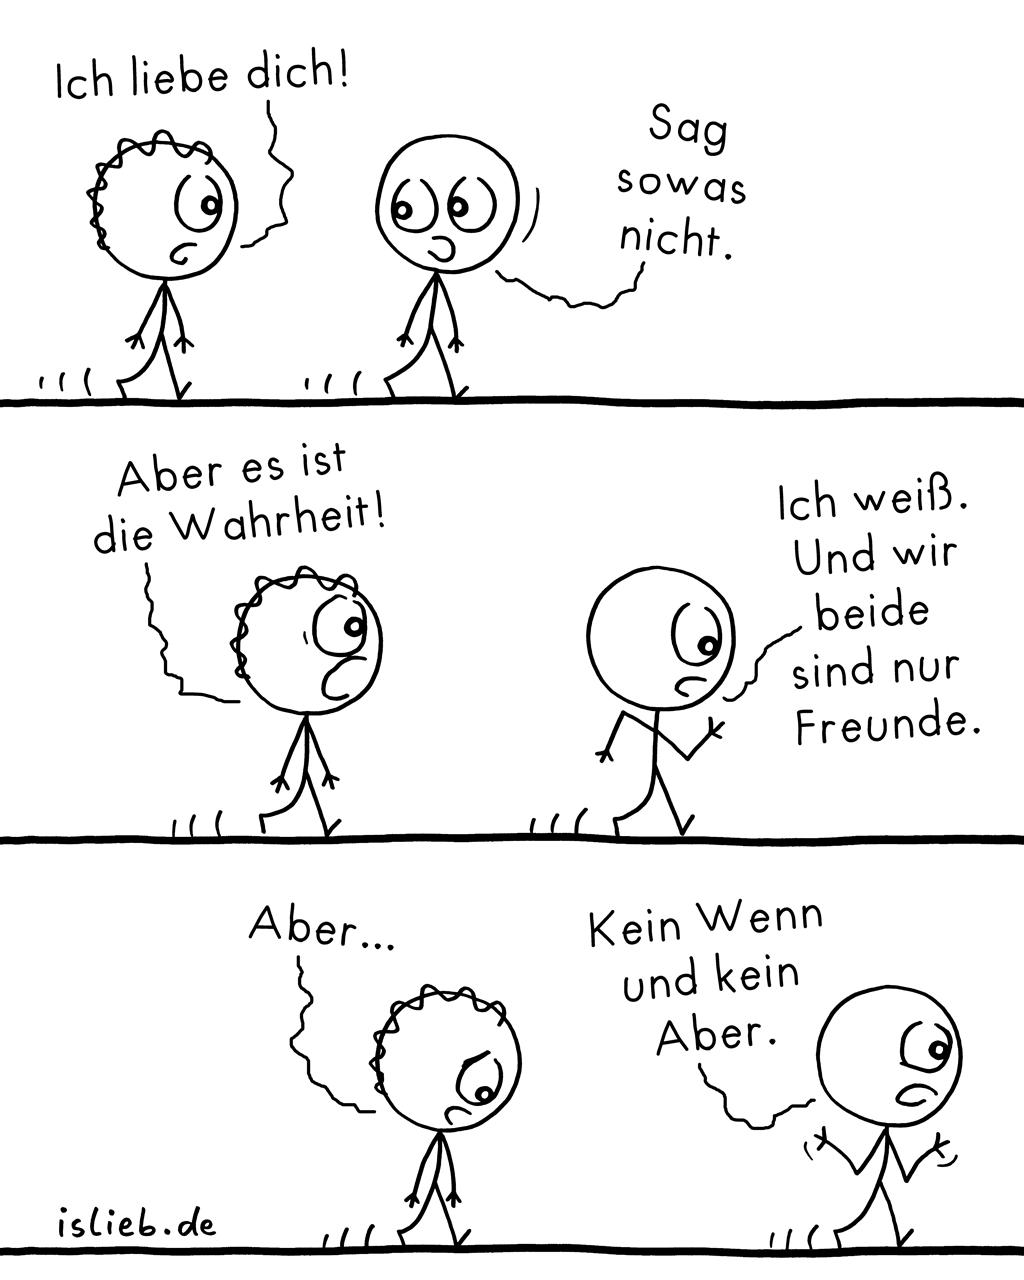 Nicht sagen | Strichmännchen-Comic | is lieb?